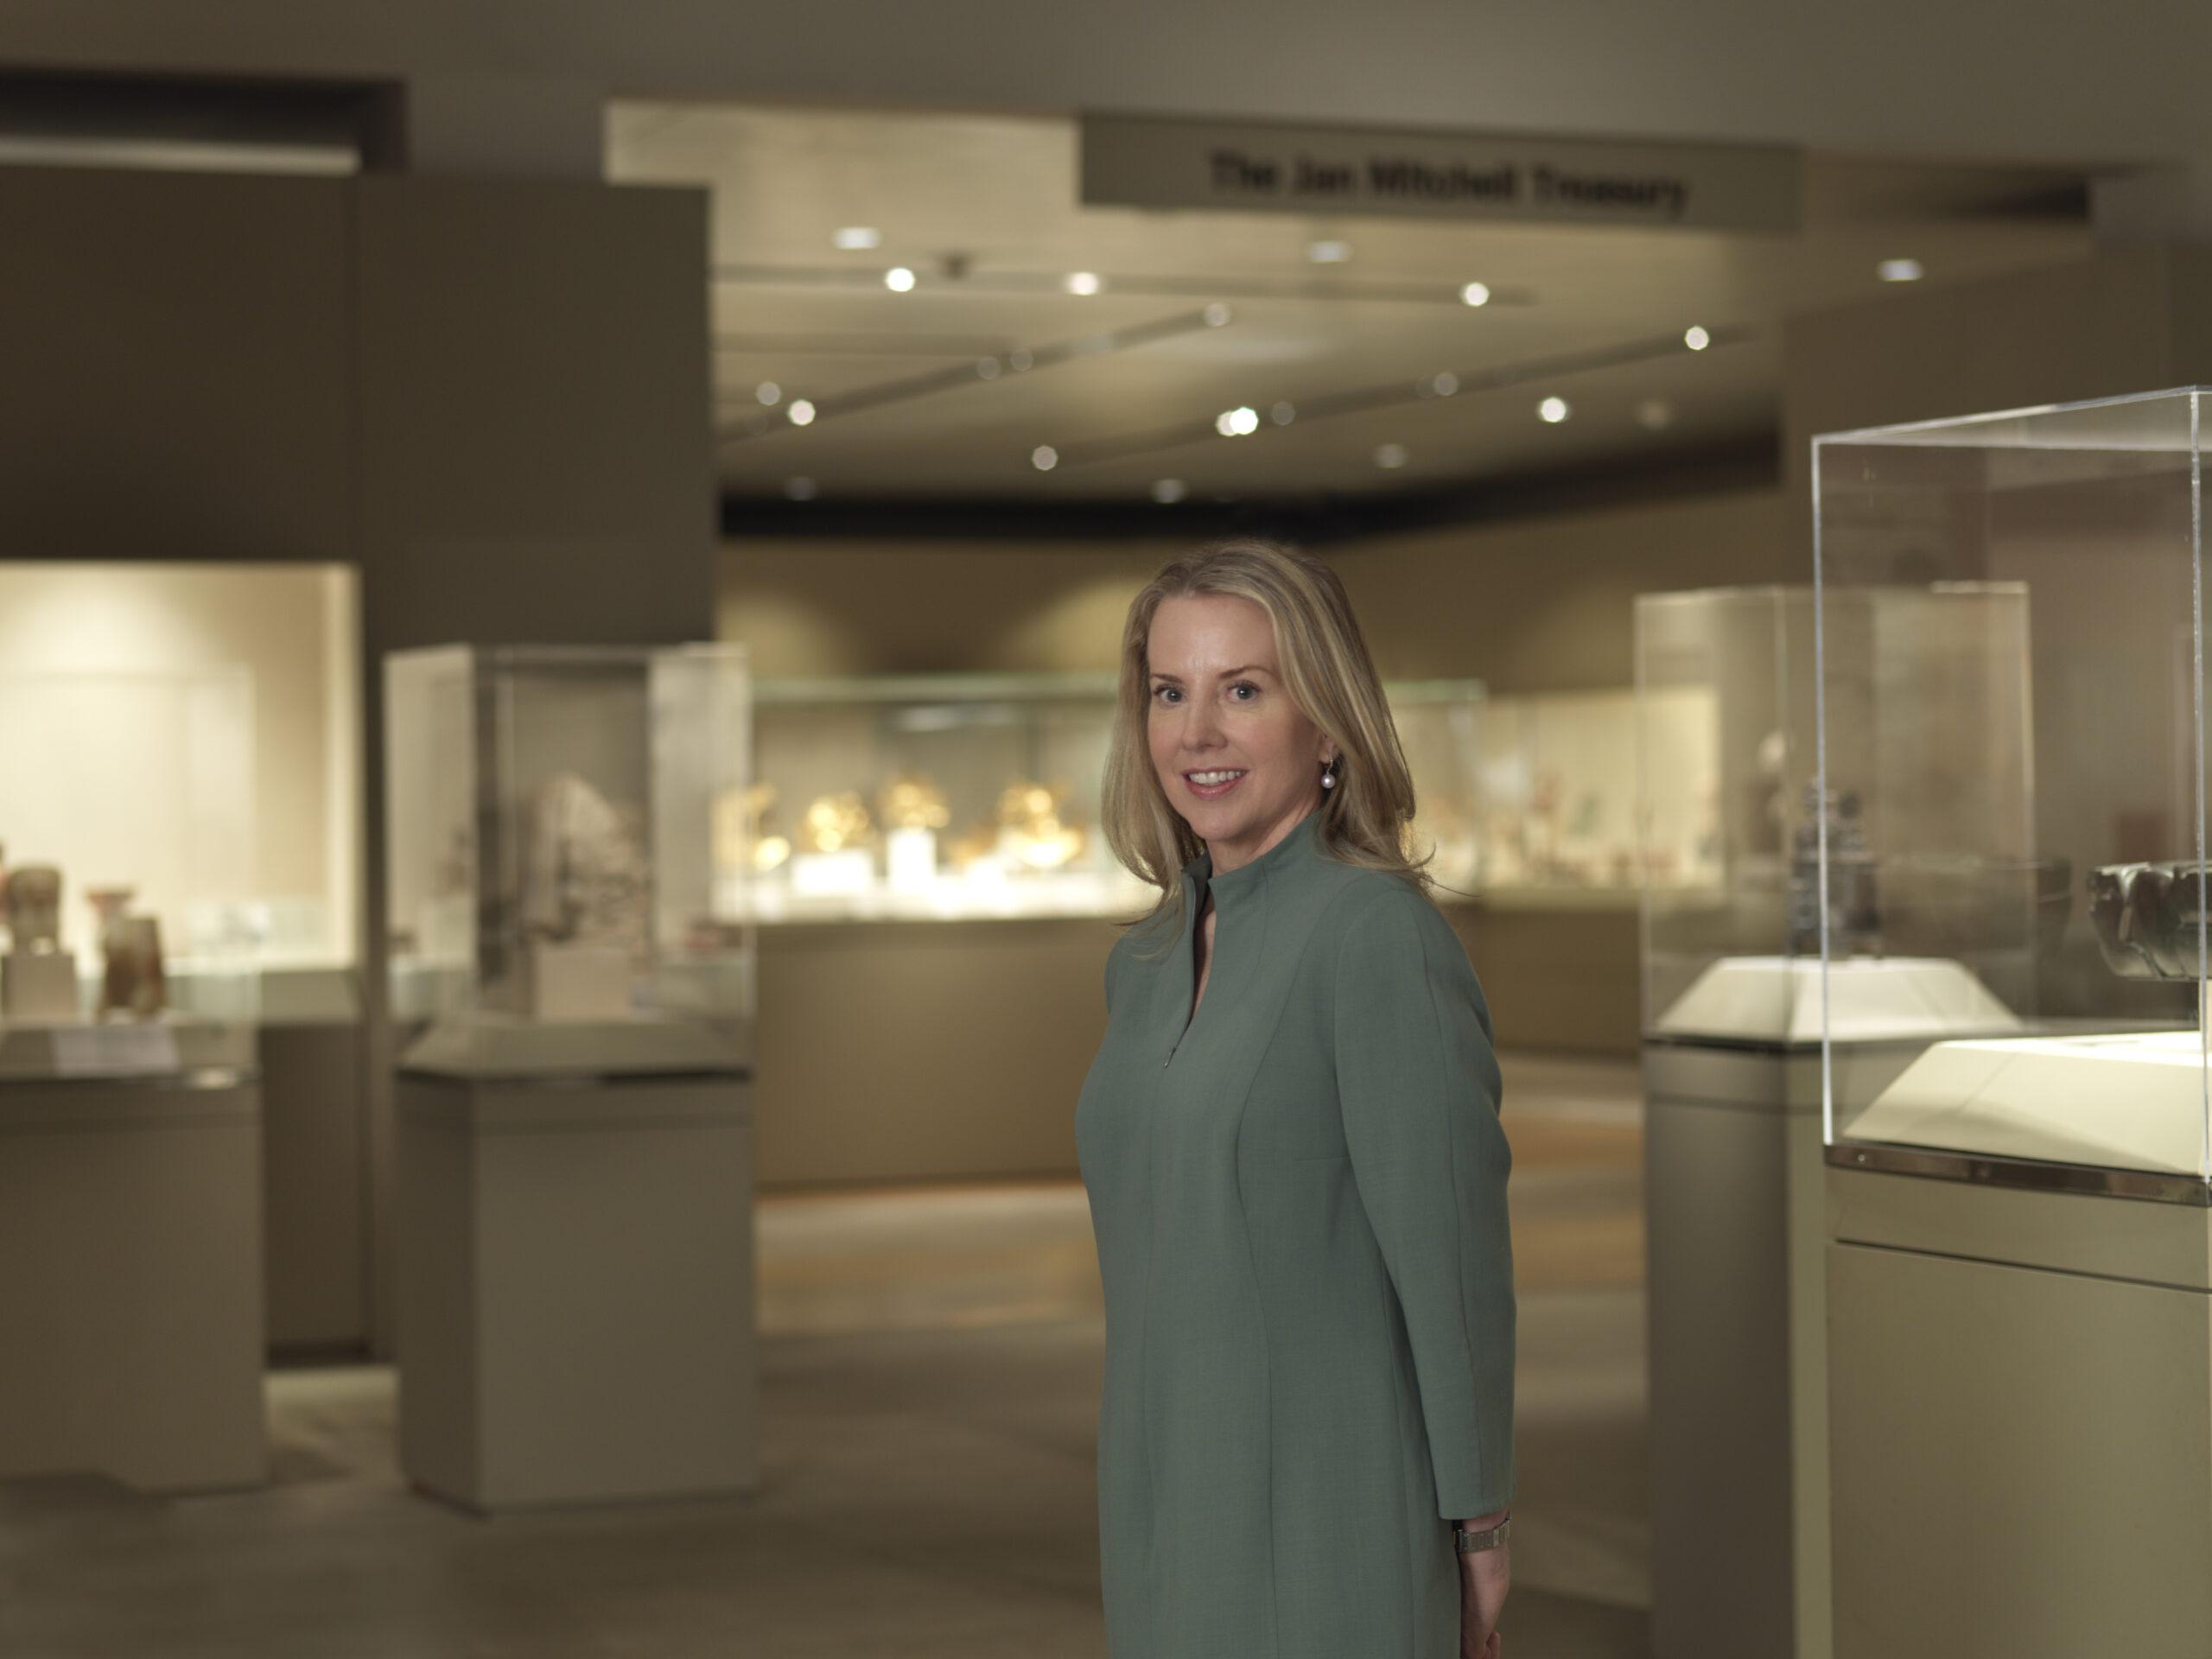 Joanne Pillsbury, The Met, Feb 2018